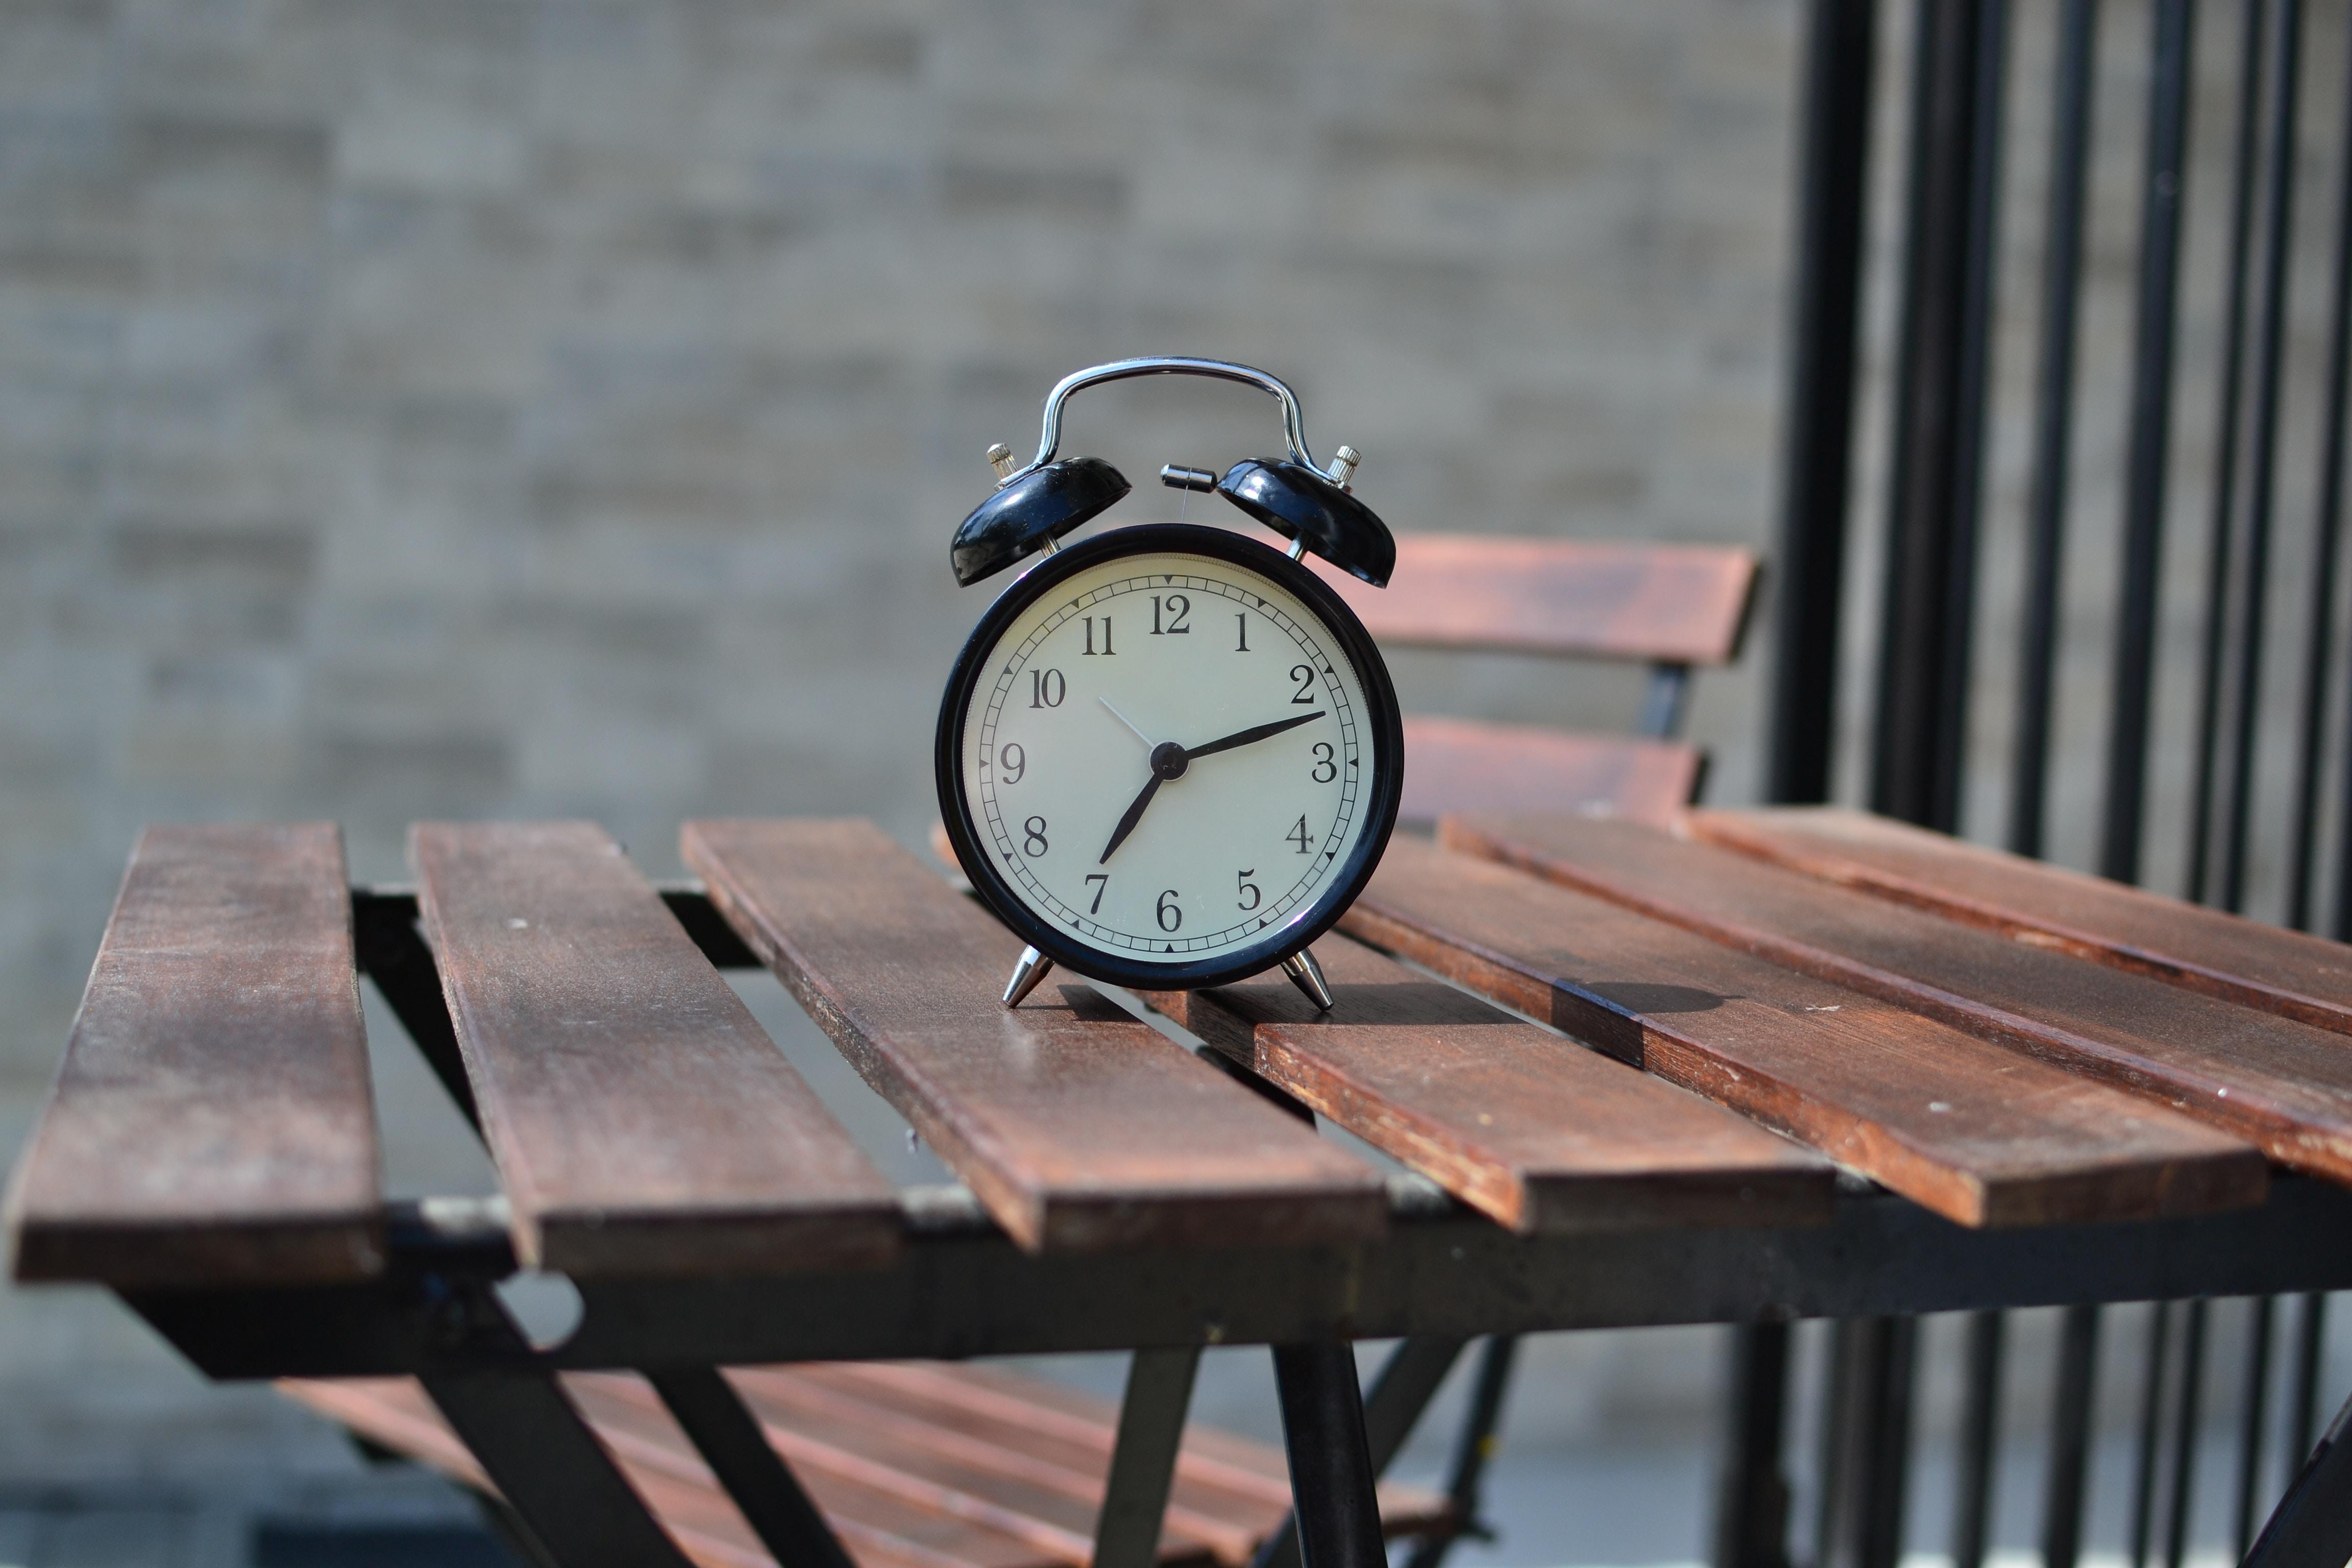 A black alarm clock on a chair